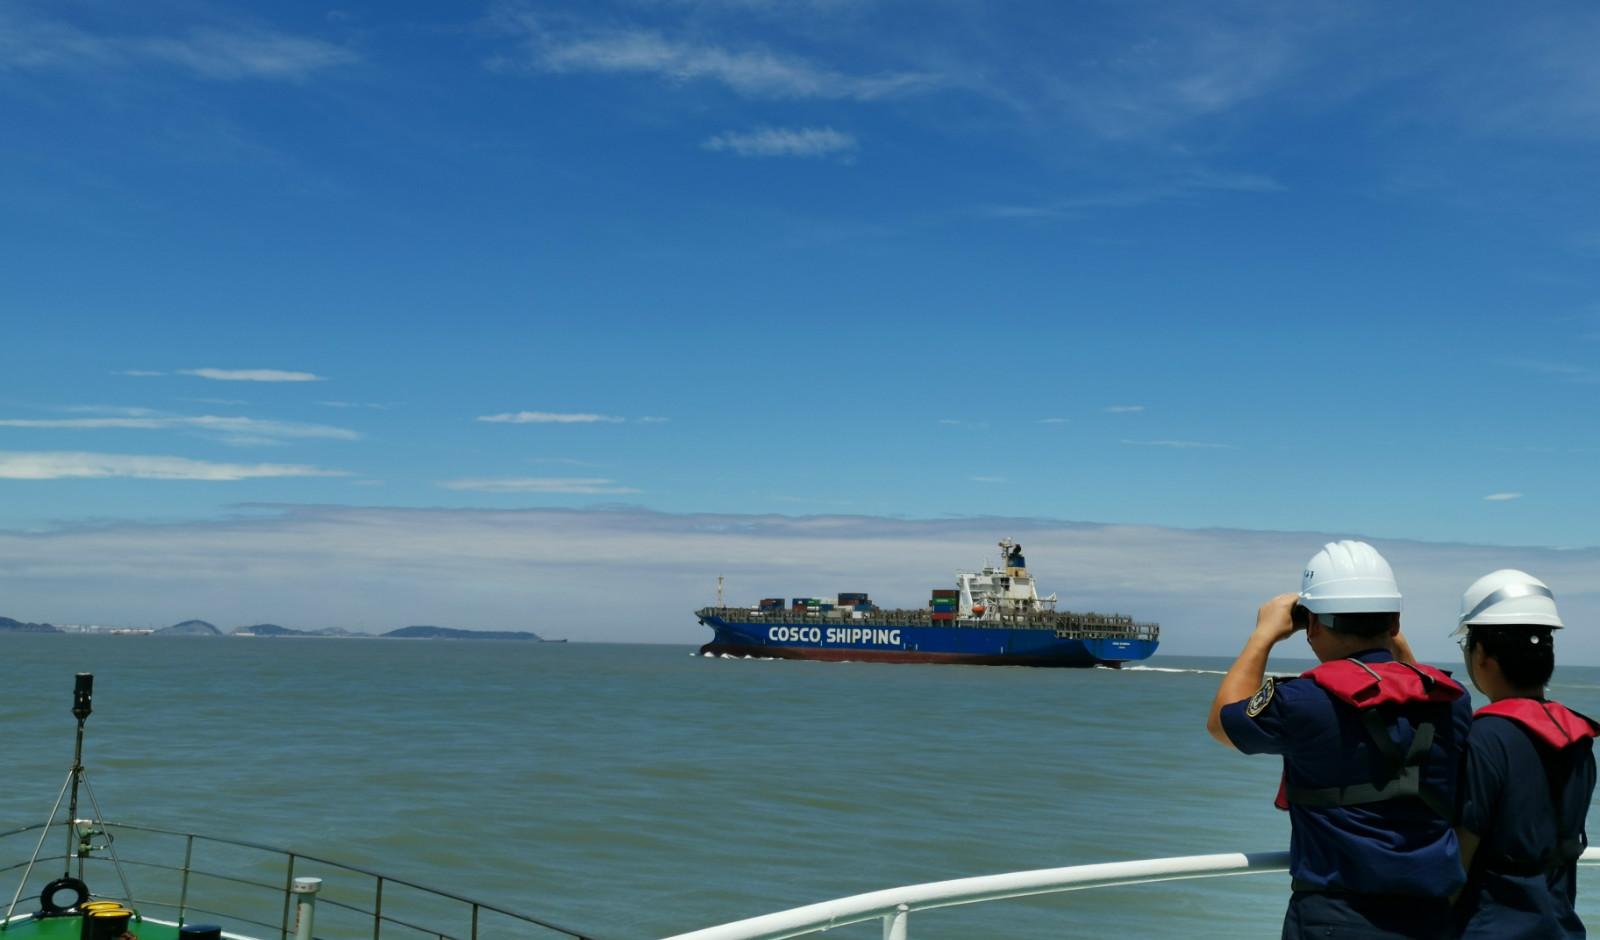 台风过后,洋山港迎来第一艘大型集装箱船进港